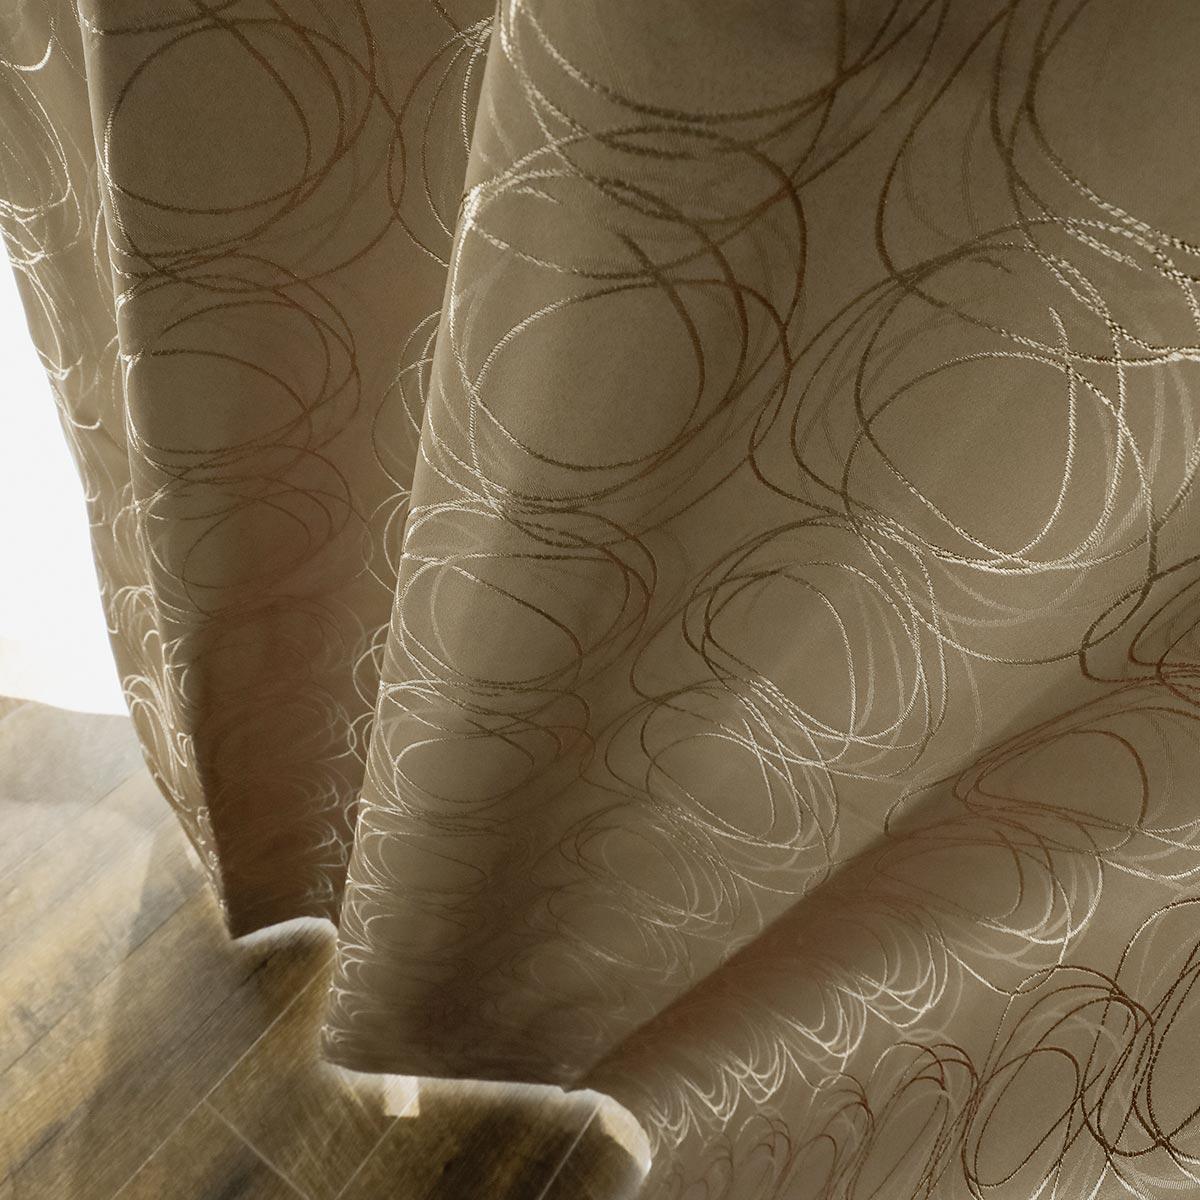 ドレープカーテン『遮光カーテン ティリオン』画像6